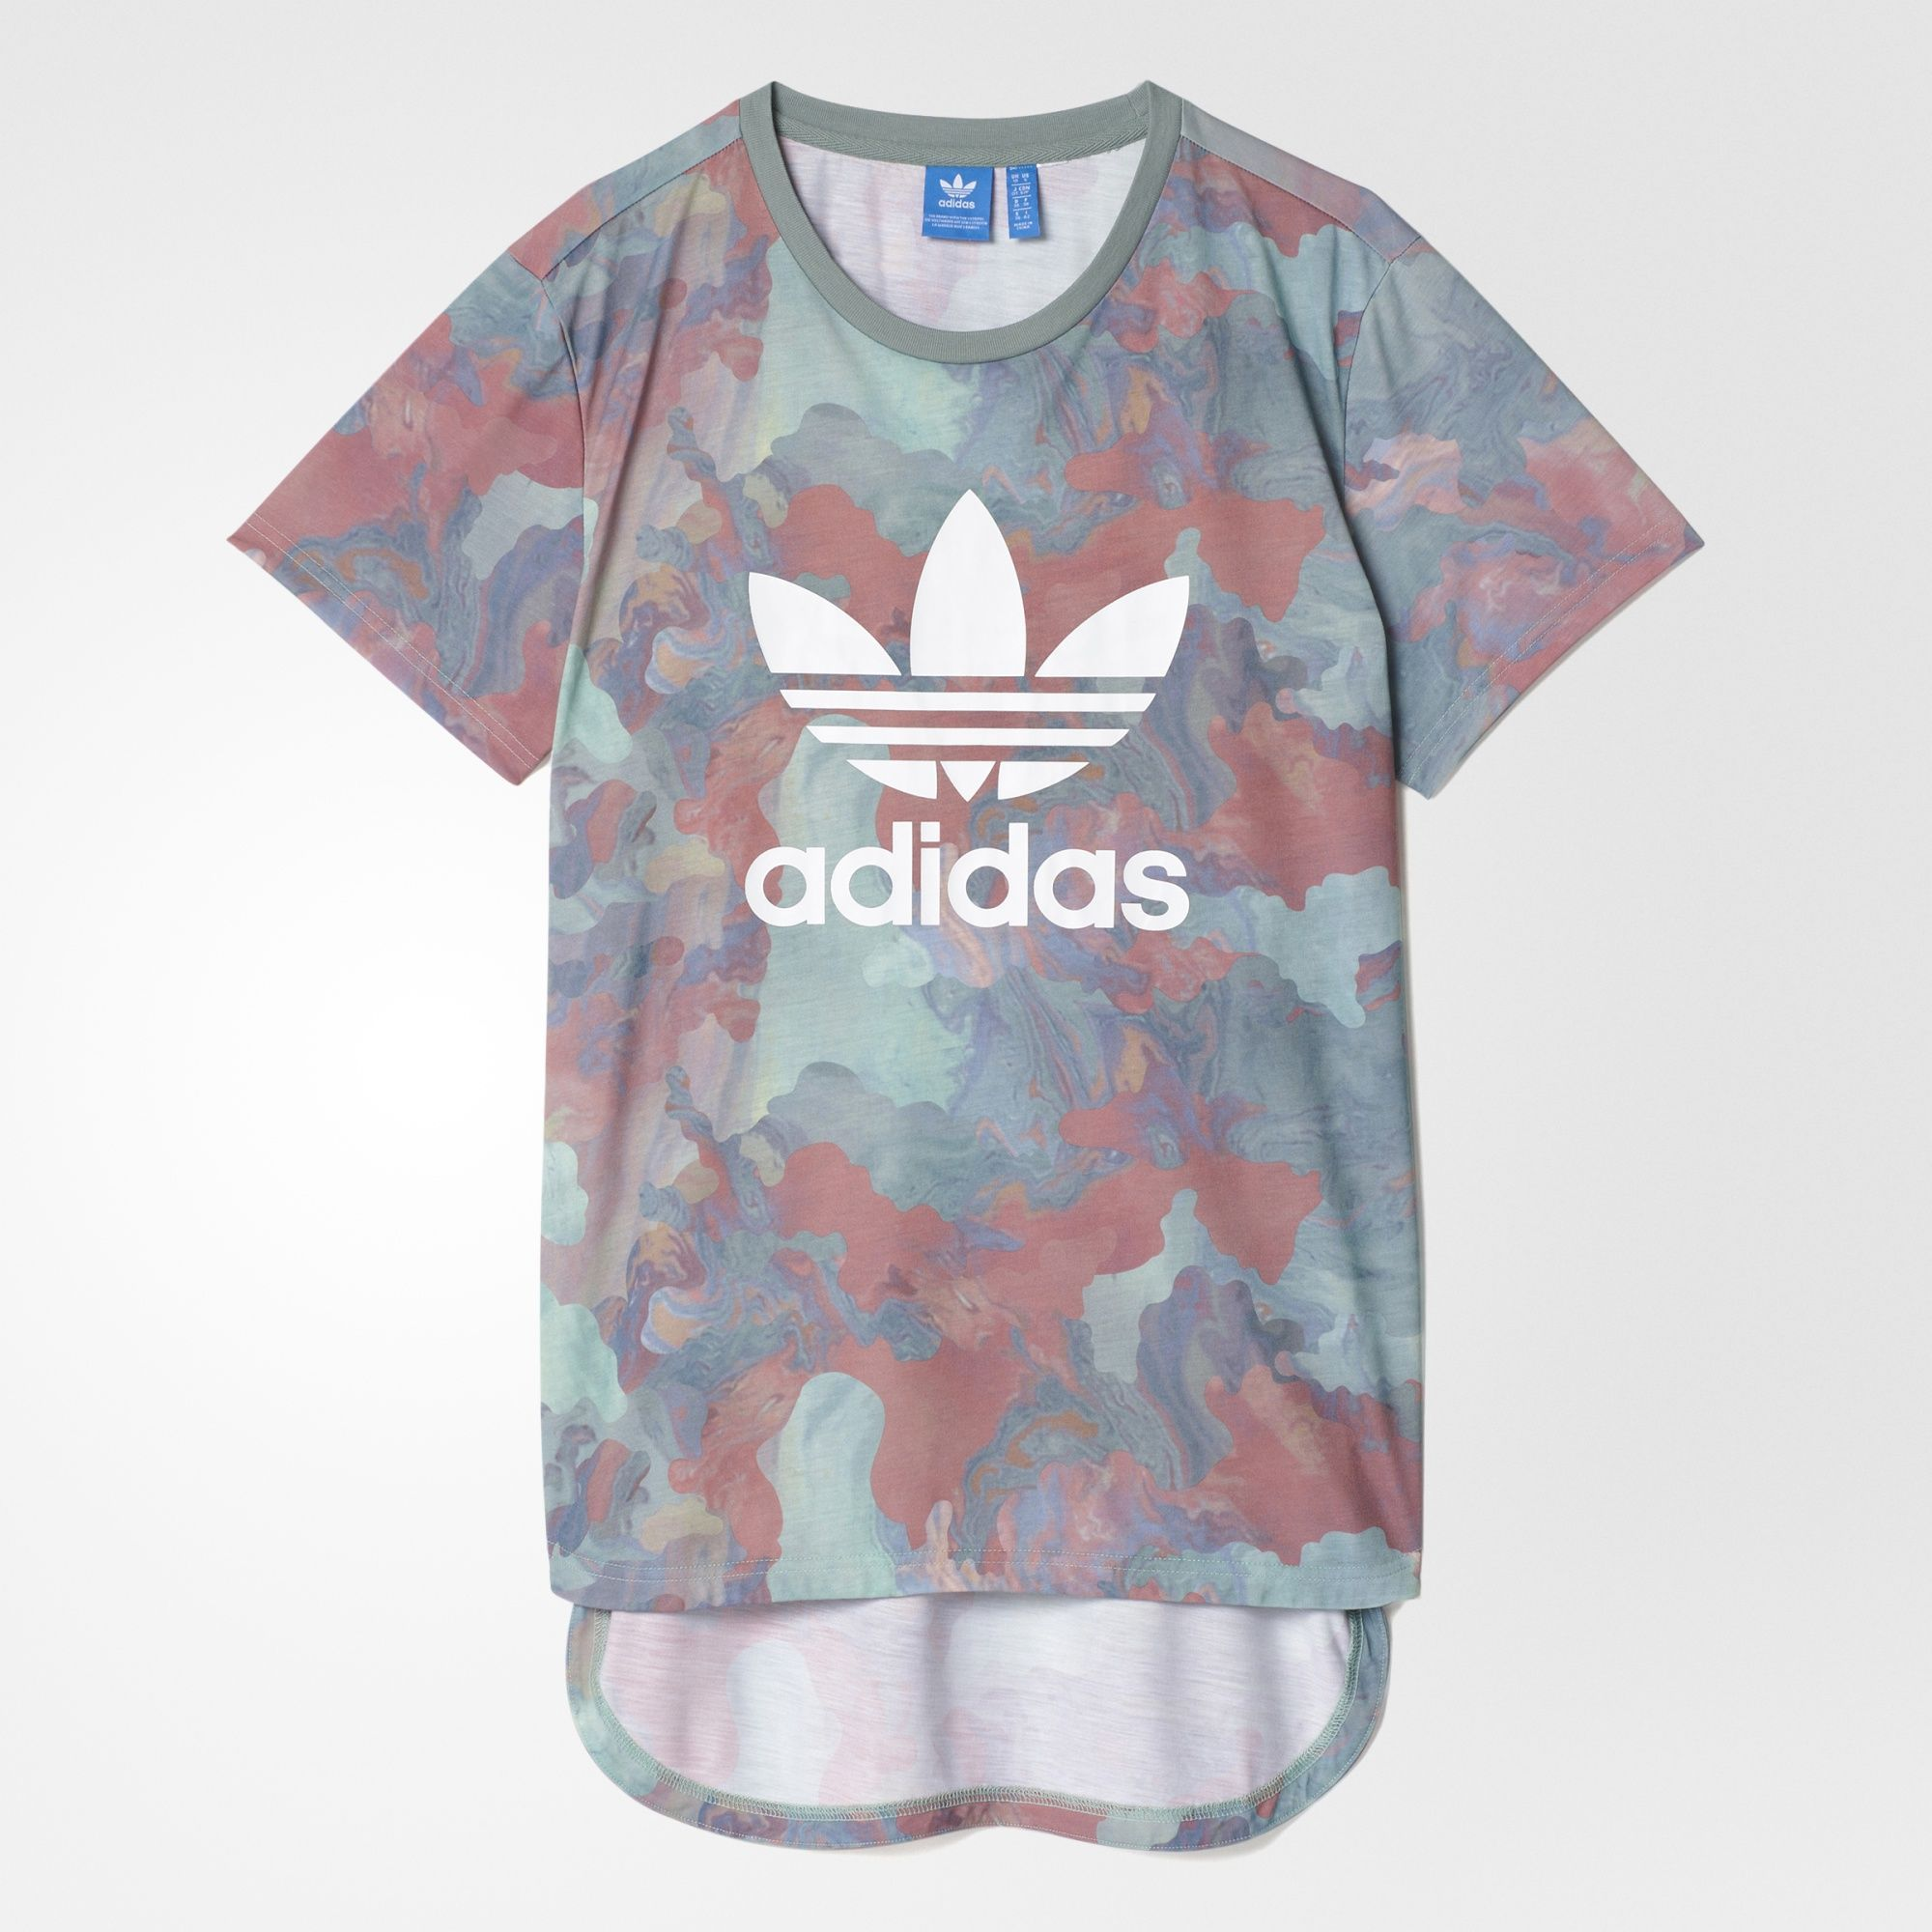 vecino Aburrir misil  adidas - Camiseta Boyfriend Larga Camuflaje Color Pastel | Adidas camisetas,  Camisetas, Camiseta de novio